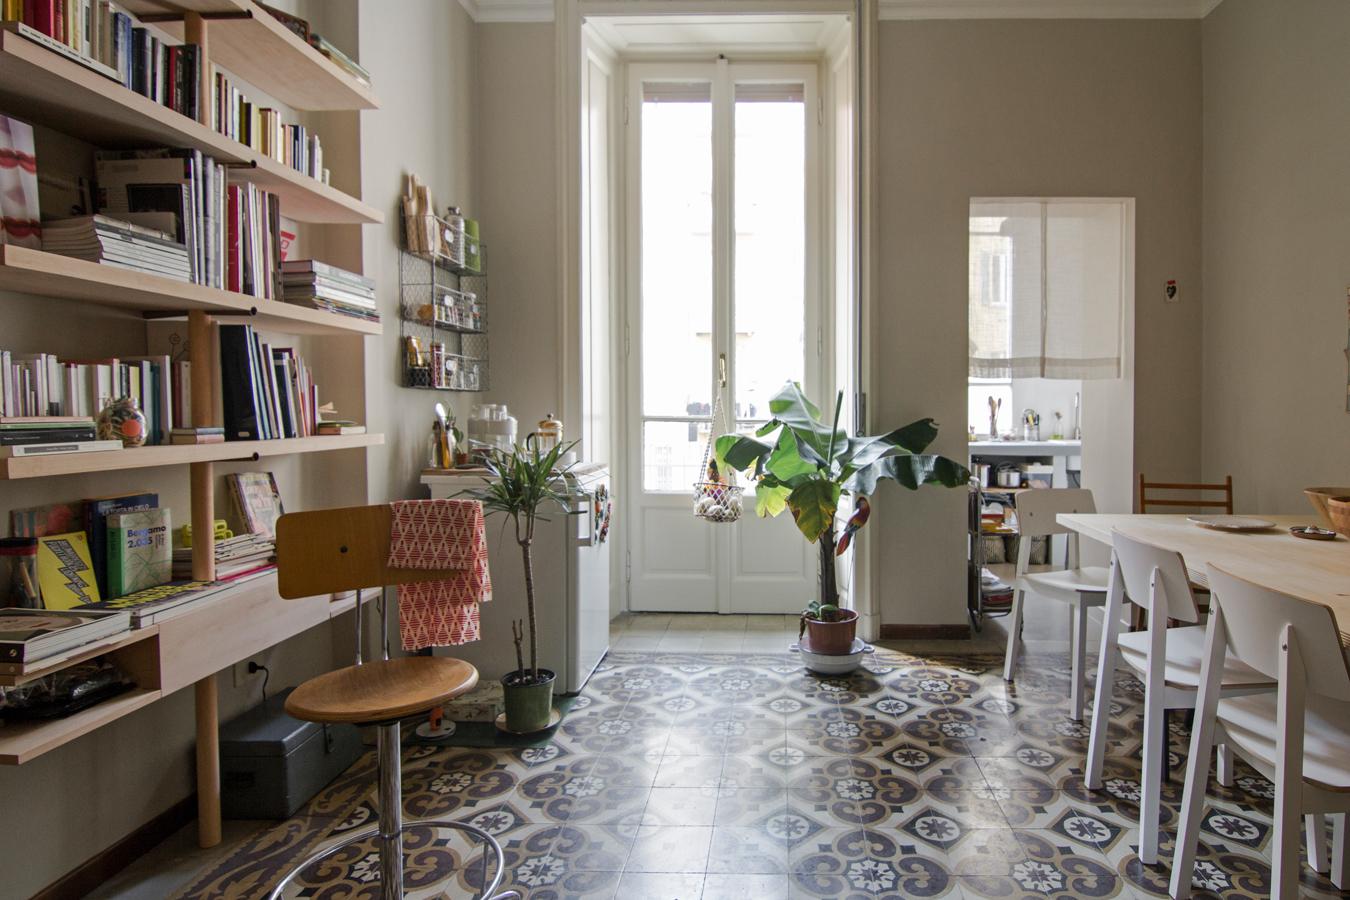 appartamento-vecchia-milano-sovrappensiero-10